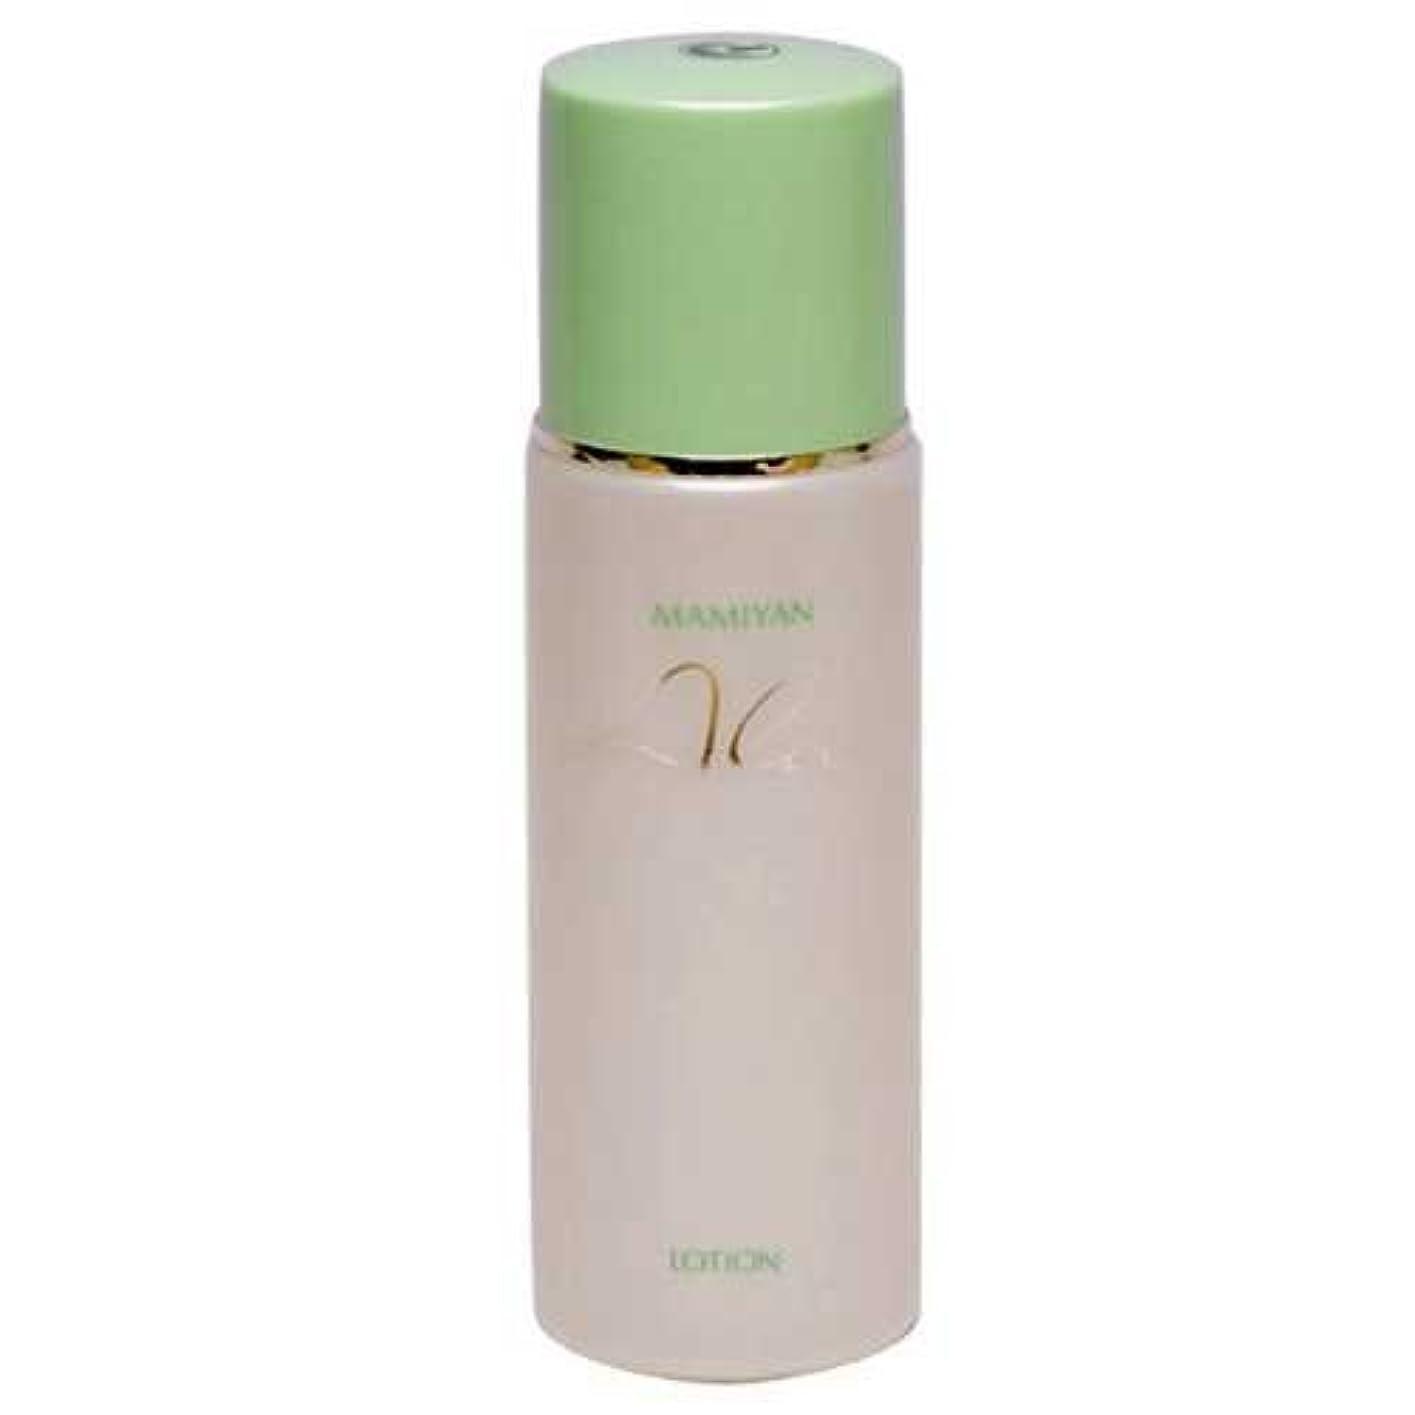 シリング港ほのめかすマミヤンアロエ基礎化粧品シリーズ アロエローション 120ml 肌にやさしくなじむ化粧水